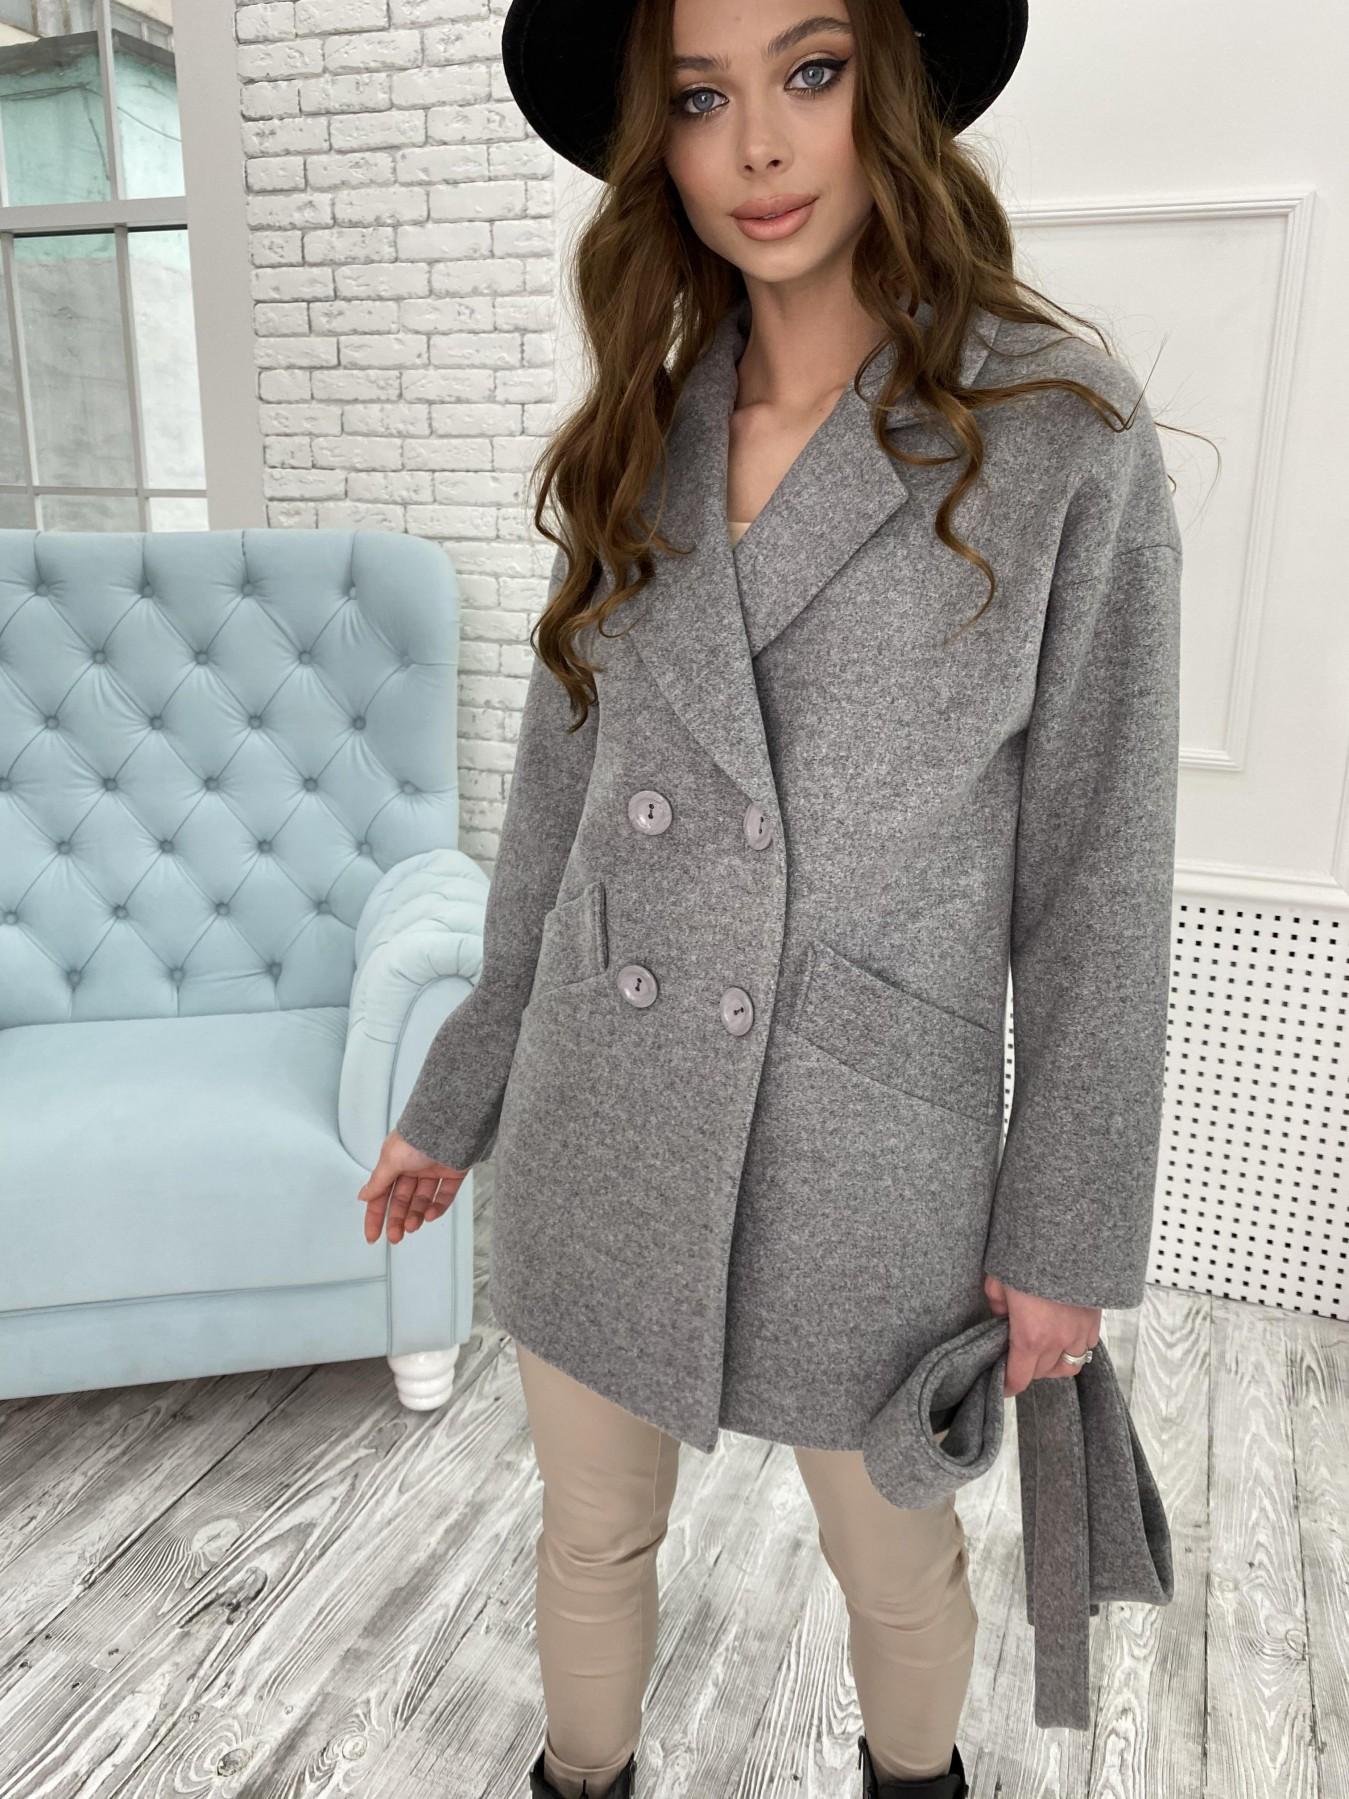 Бонд пальто  кашемировое меланж на трикотаже  10644 АРТ. 47176 Цвет: Серый 1 - фото 5, интернет магазин tm-modus.ru